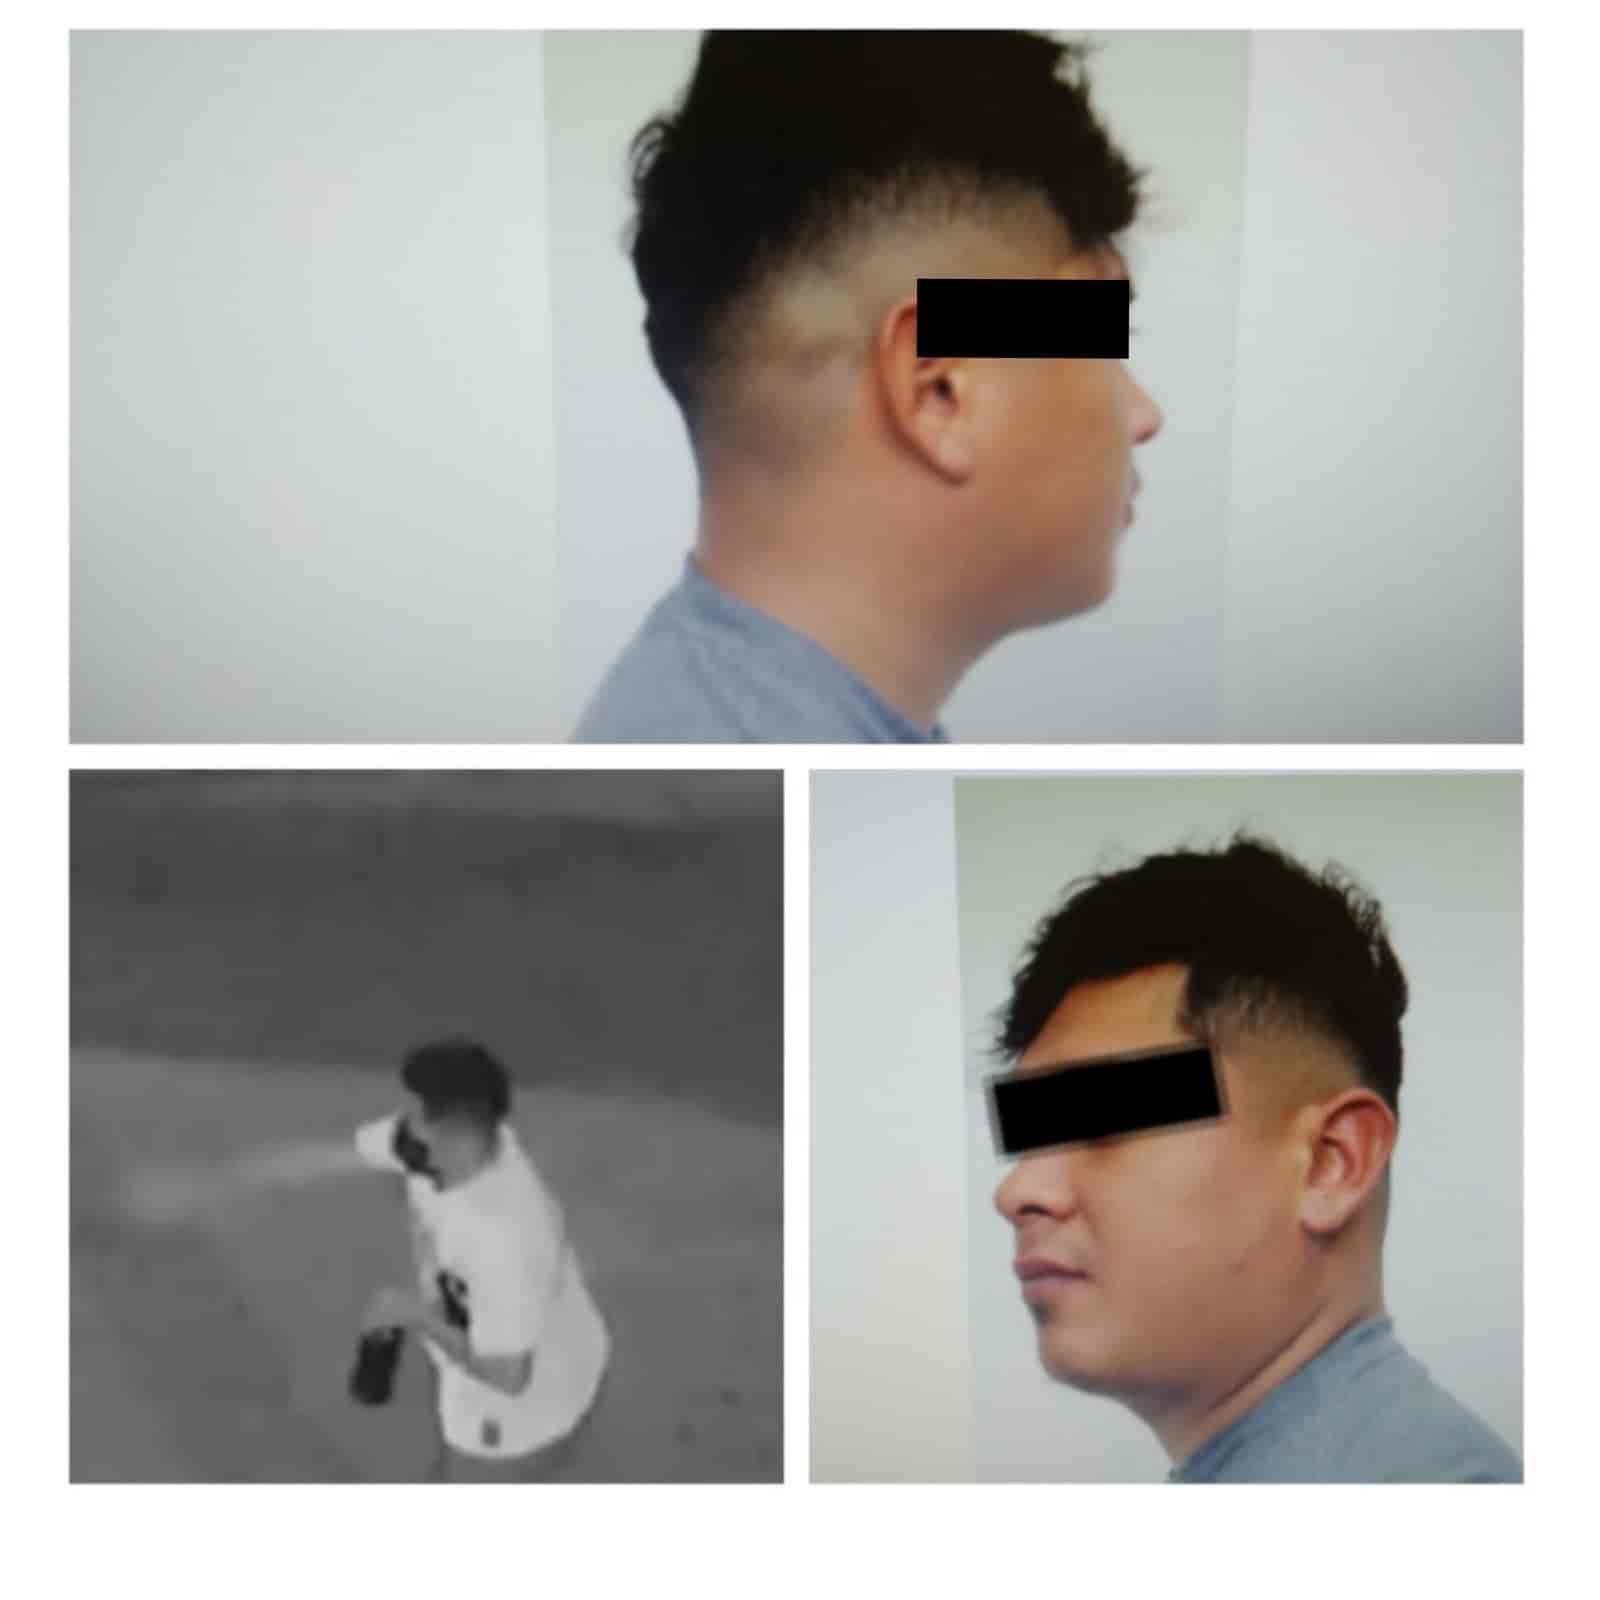 El presunto fue captado por las cámaras de seguridad del área y más tarde lo detuvieron